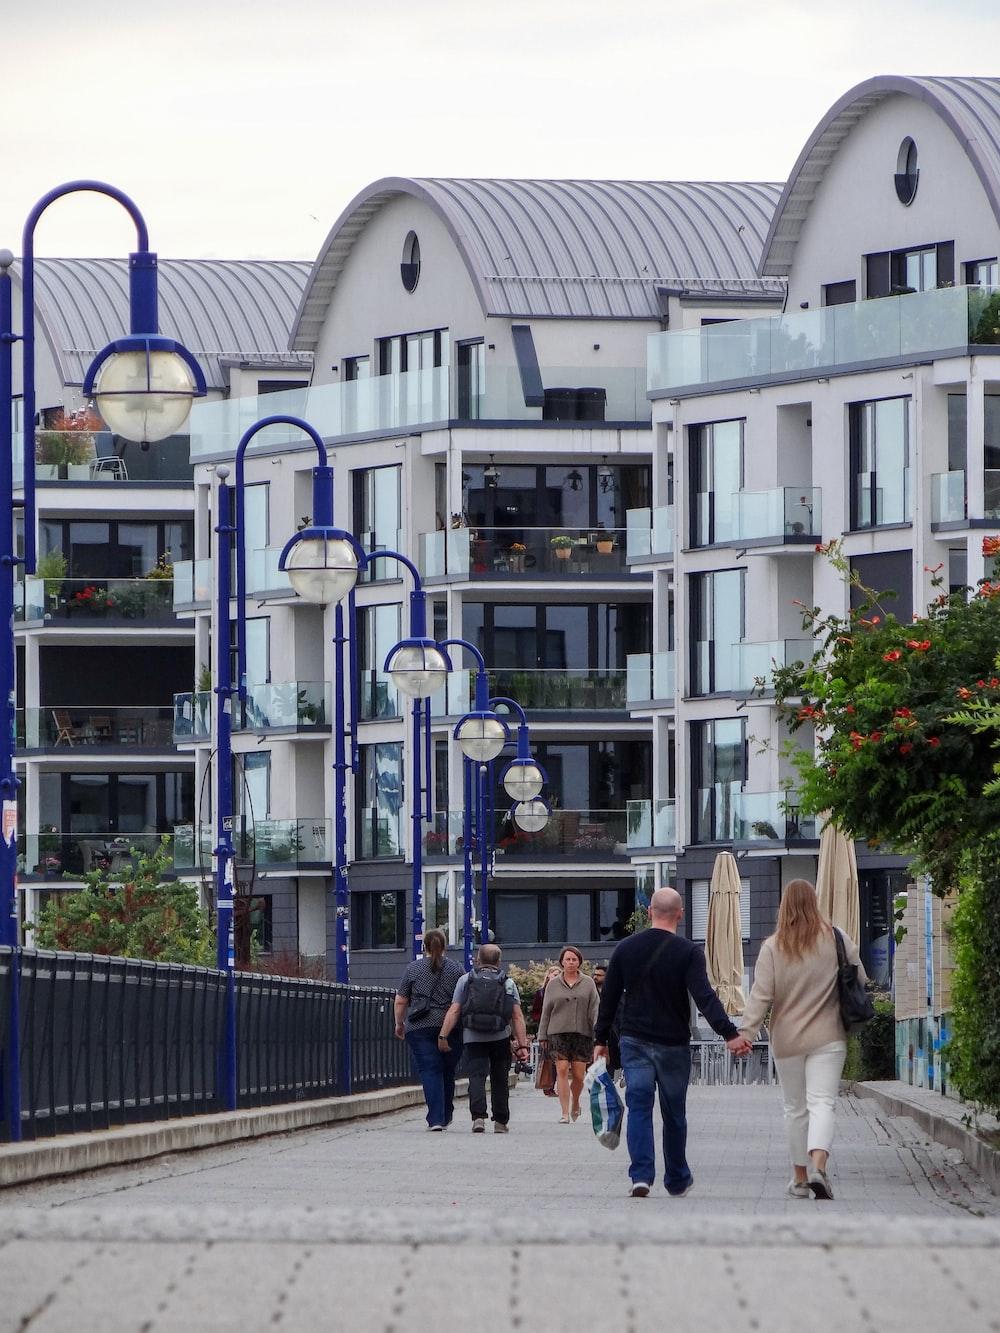 people walking on sidewalk near white building during daytime